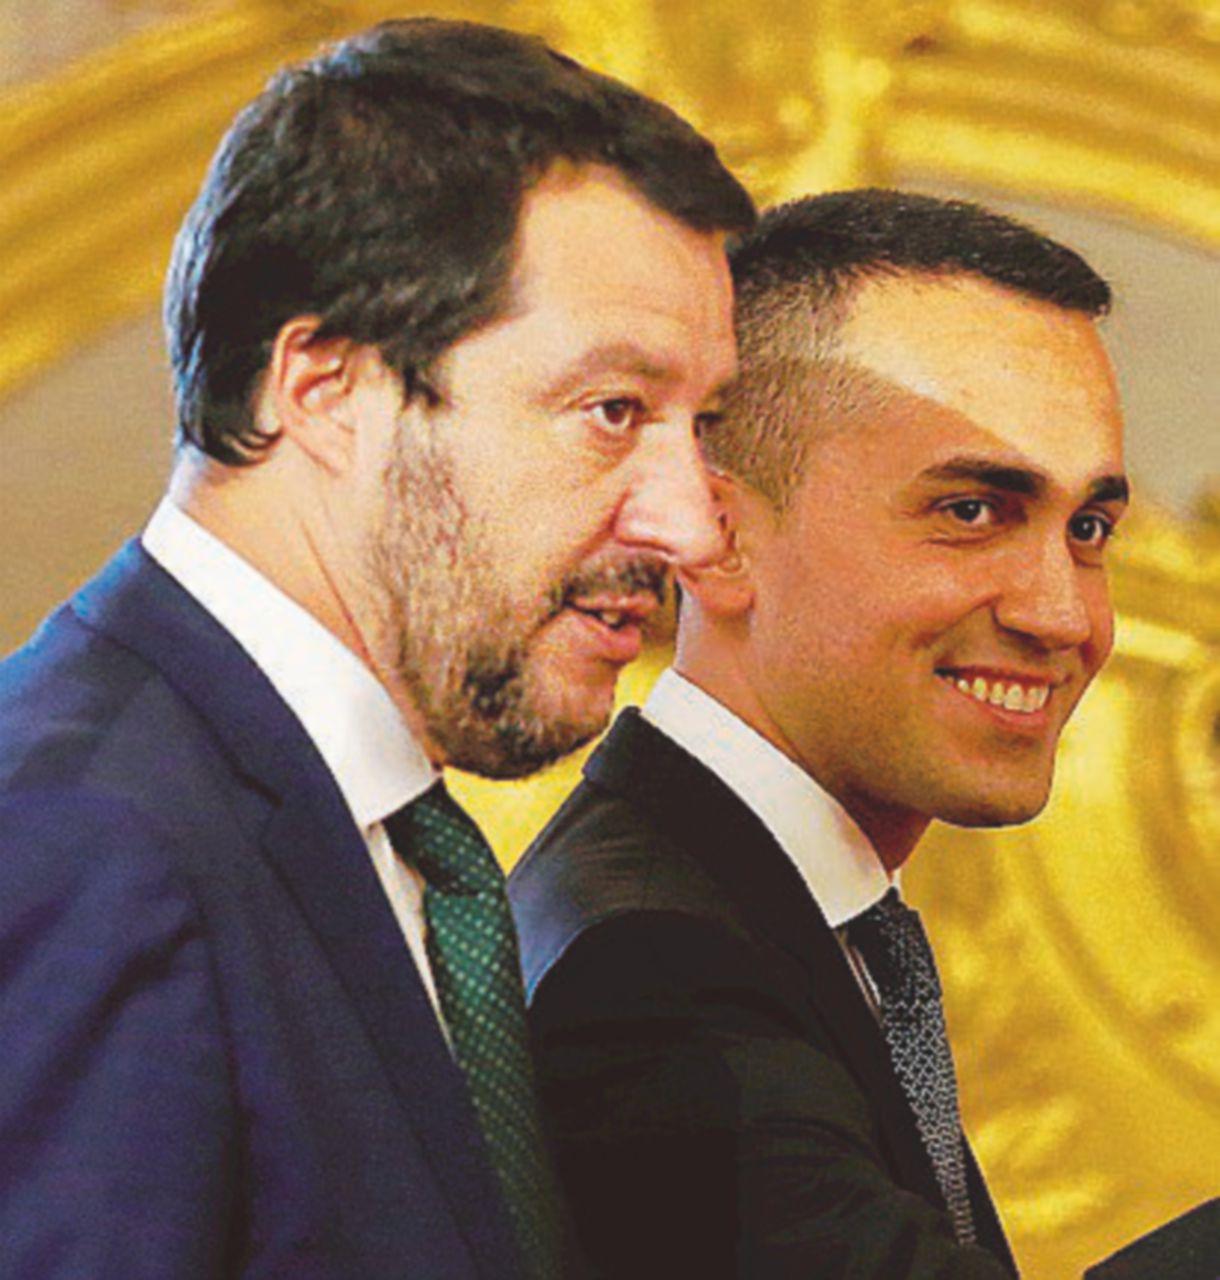 Salvini e Di Maio, gli specialisti del comizio ora si godono il lieto inizio